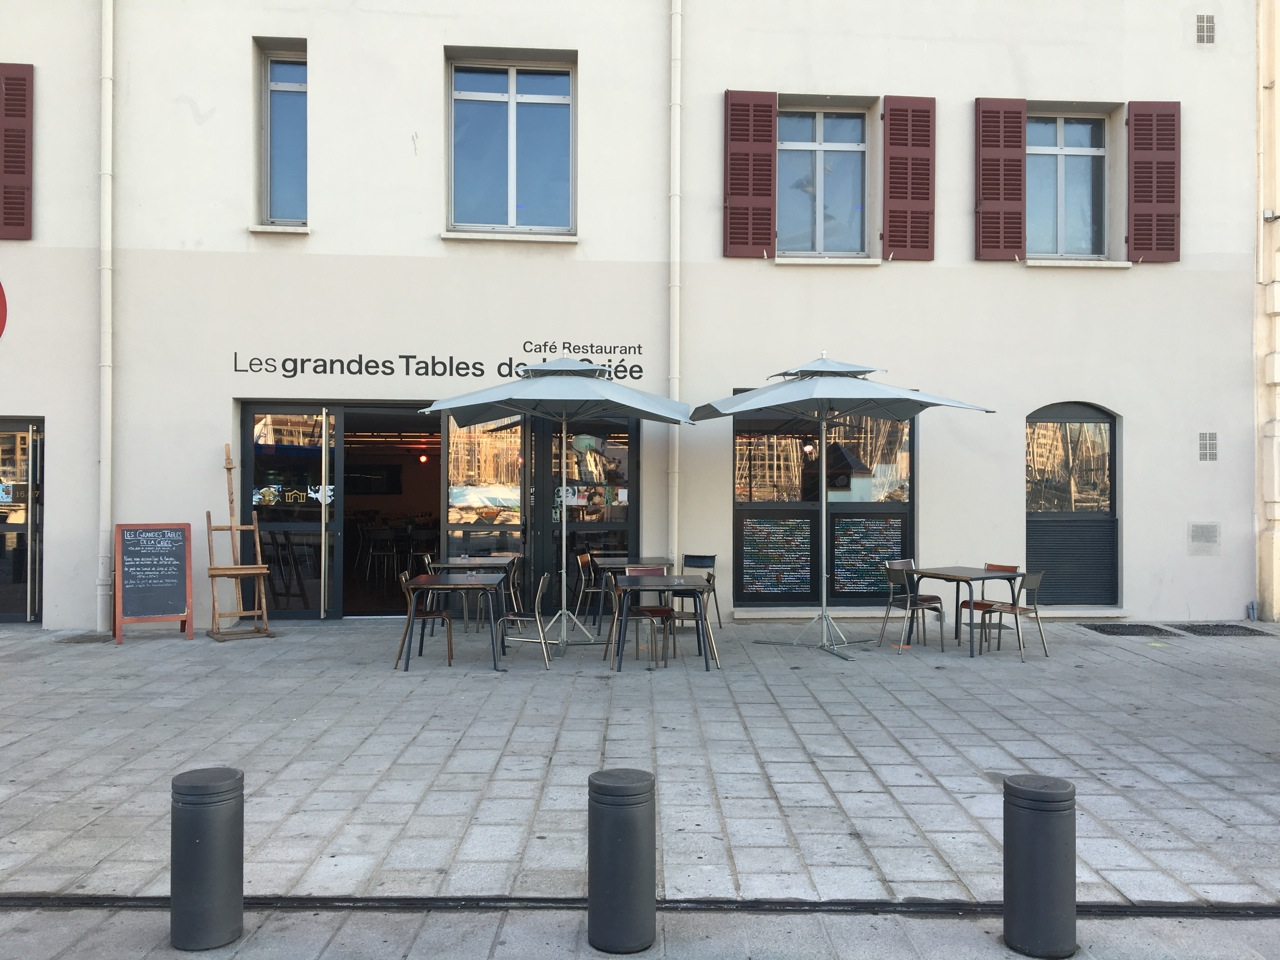 Restaurant vieux port les grandes tables de la cri e - Restaurant l entrecote marseille vieux port ...